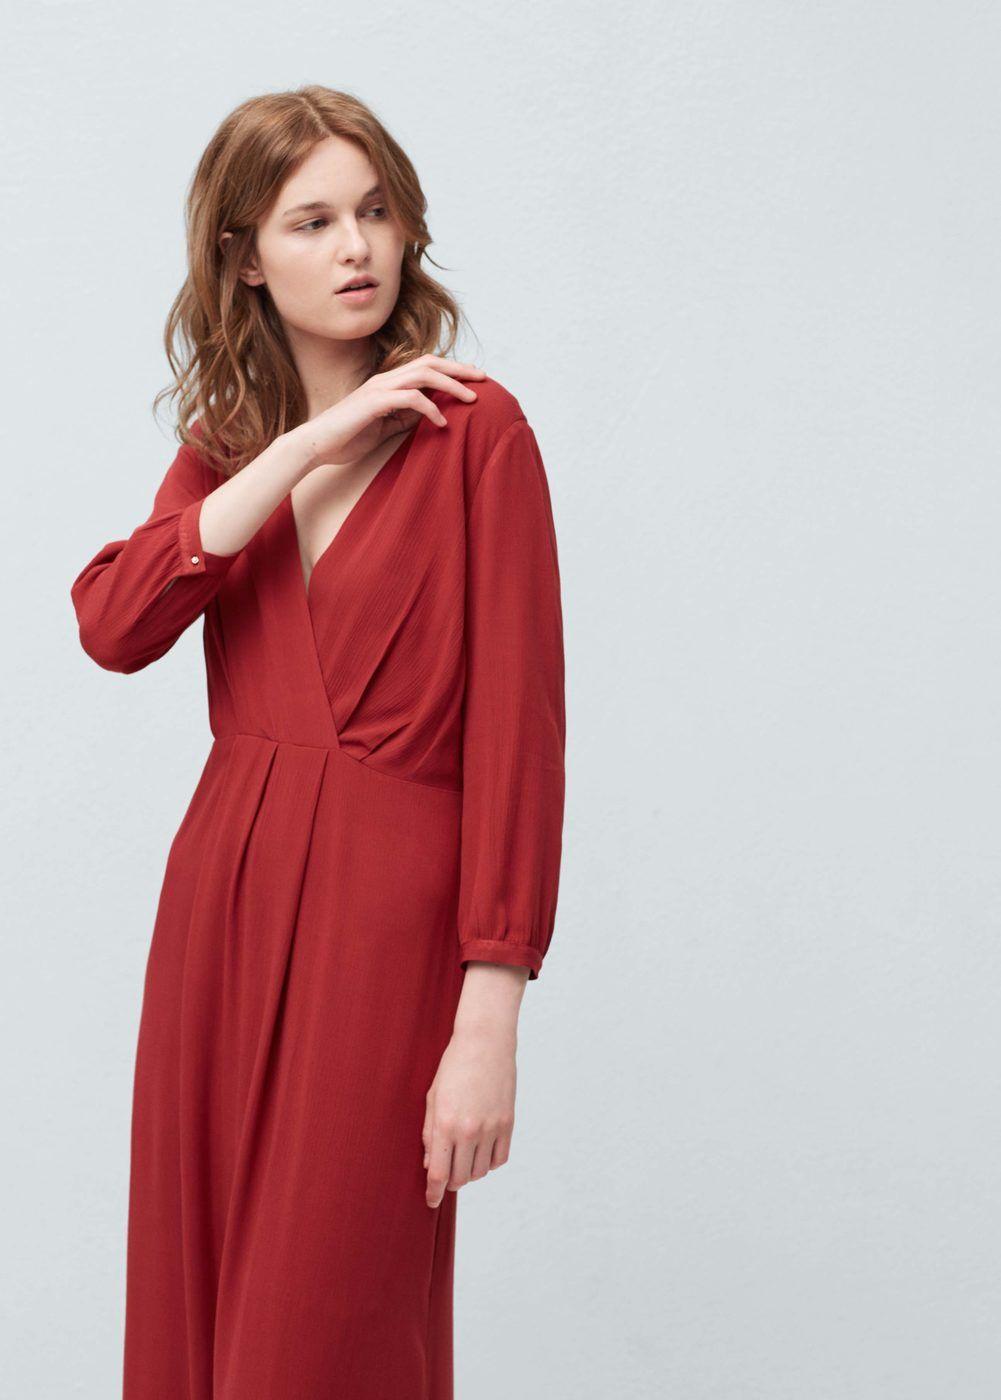 Dlouhé splývavé šaty - Žena  c7f5ba4061f